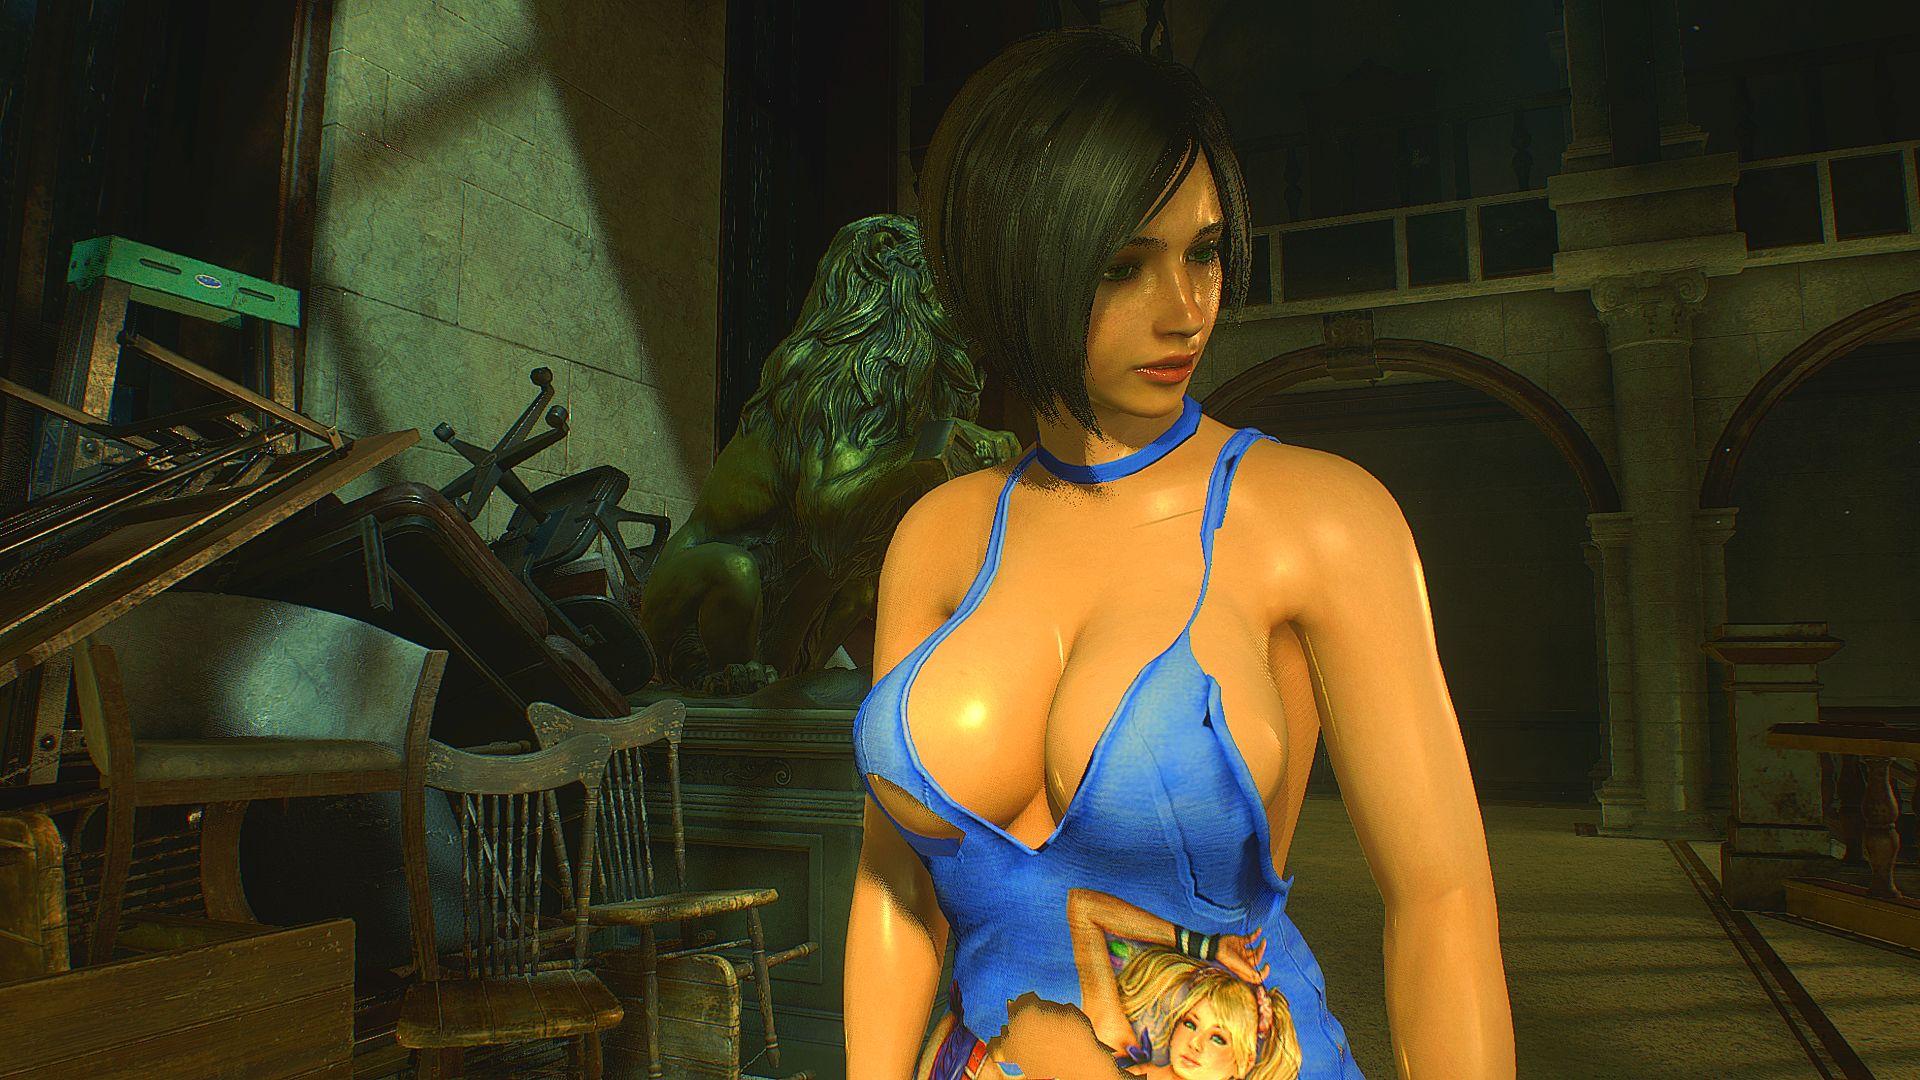 001281.Jpg - Resident Evil 2